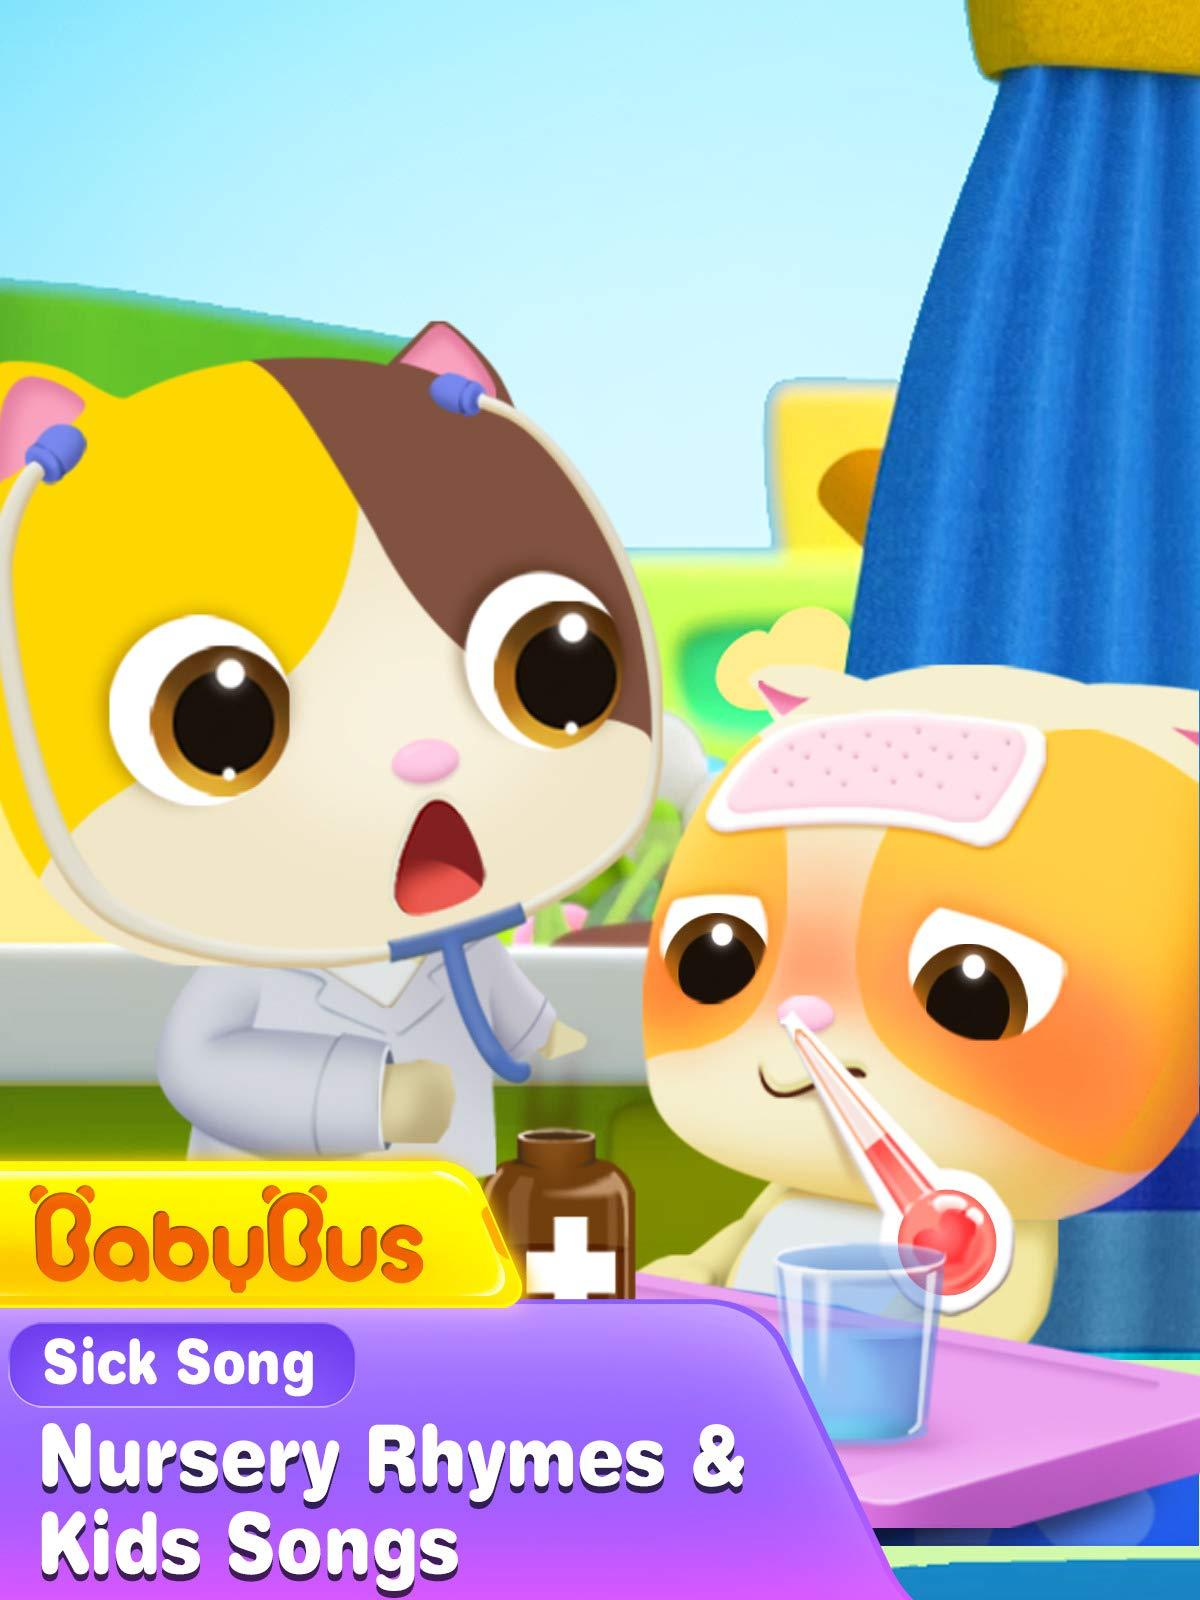 BabyBus Nursery Rhymes & Kids Songs - Sick Song